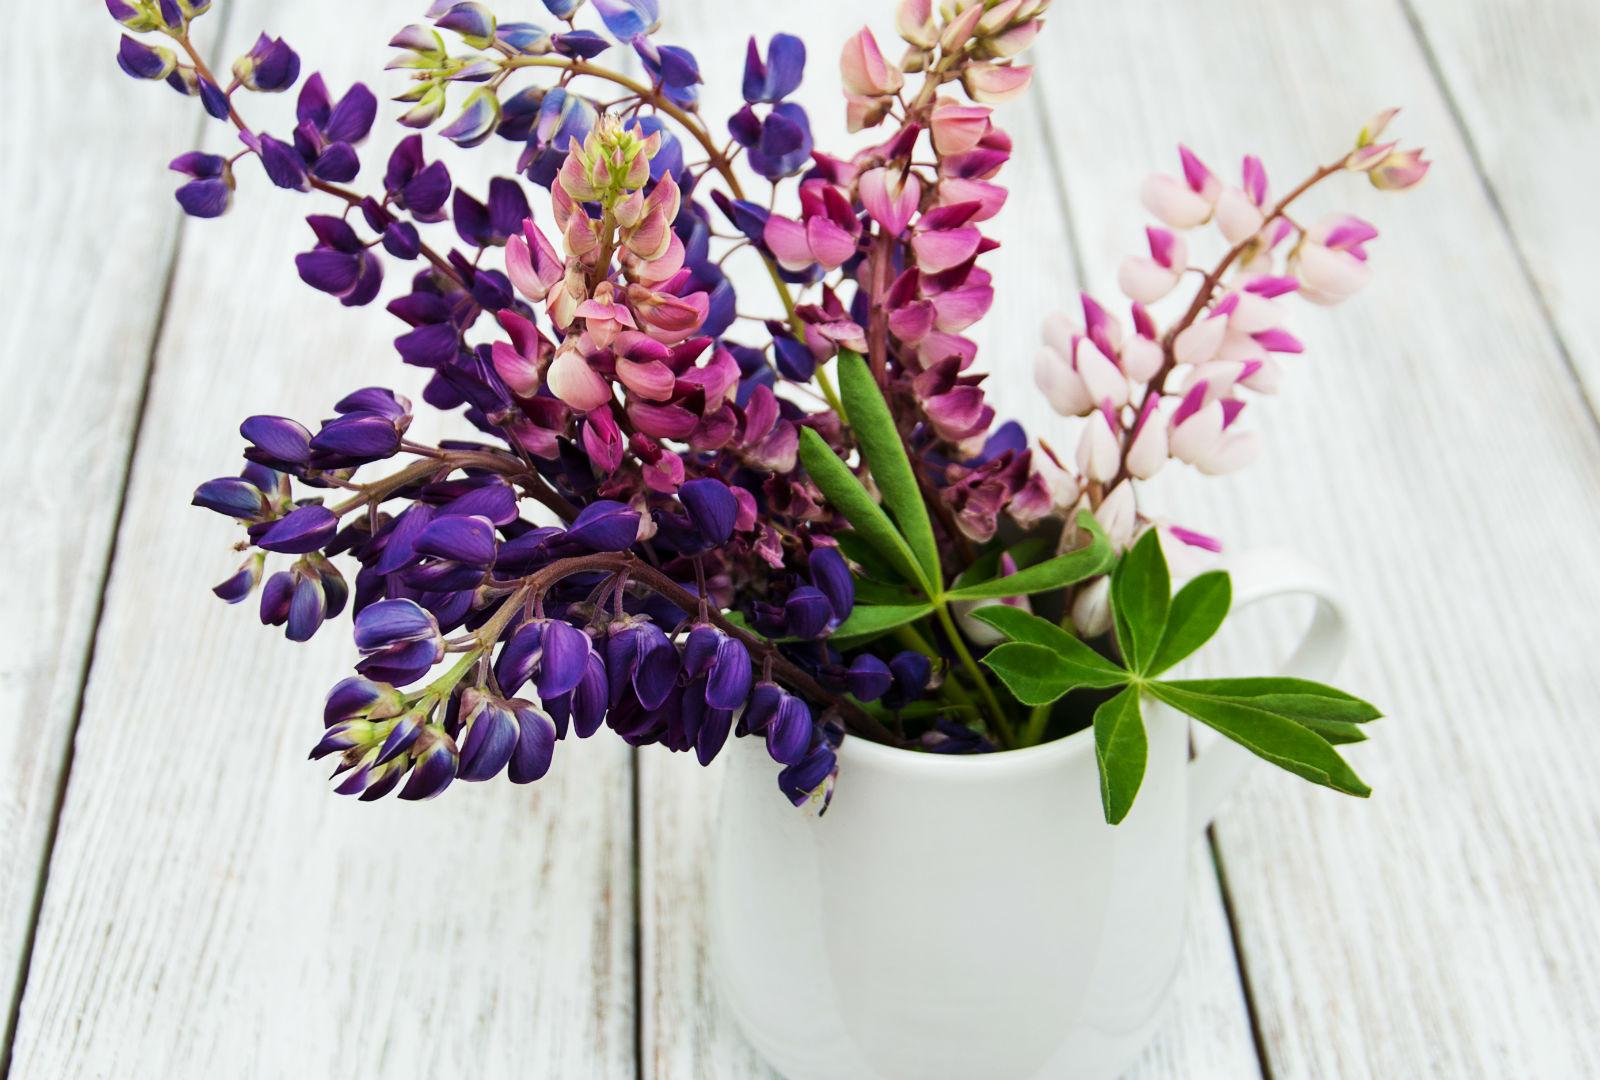 白いマグカップに紫とピンクの花が生けられているイメージ。